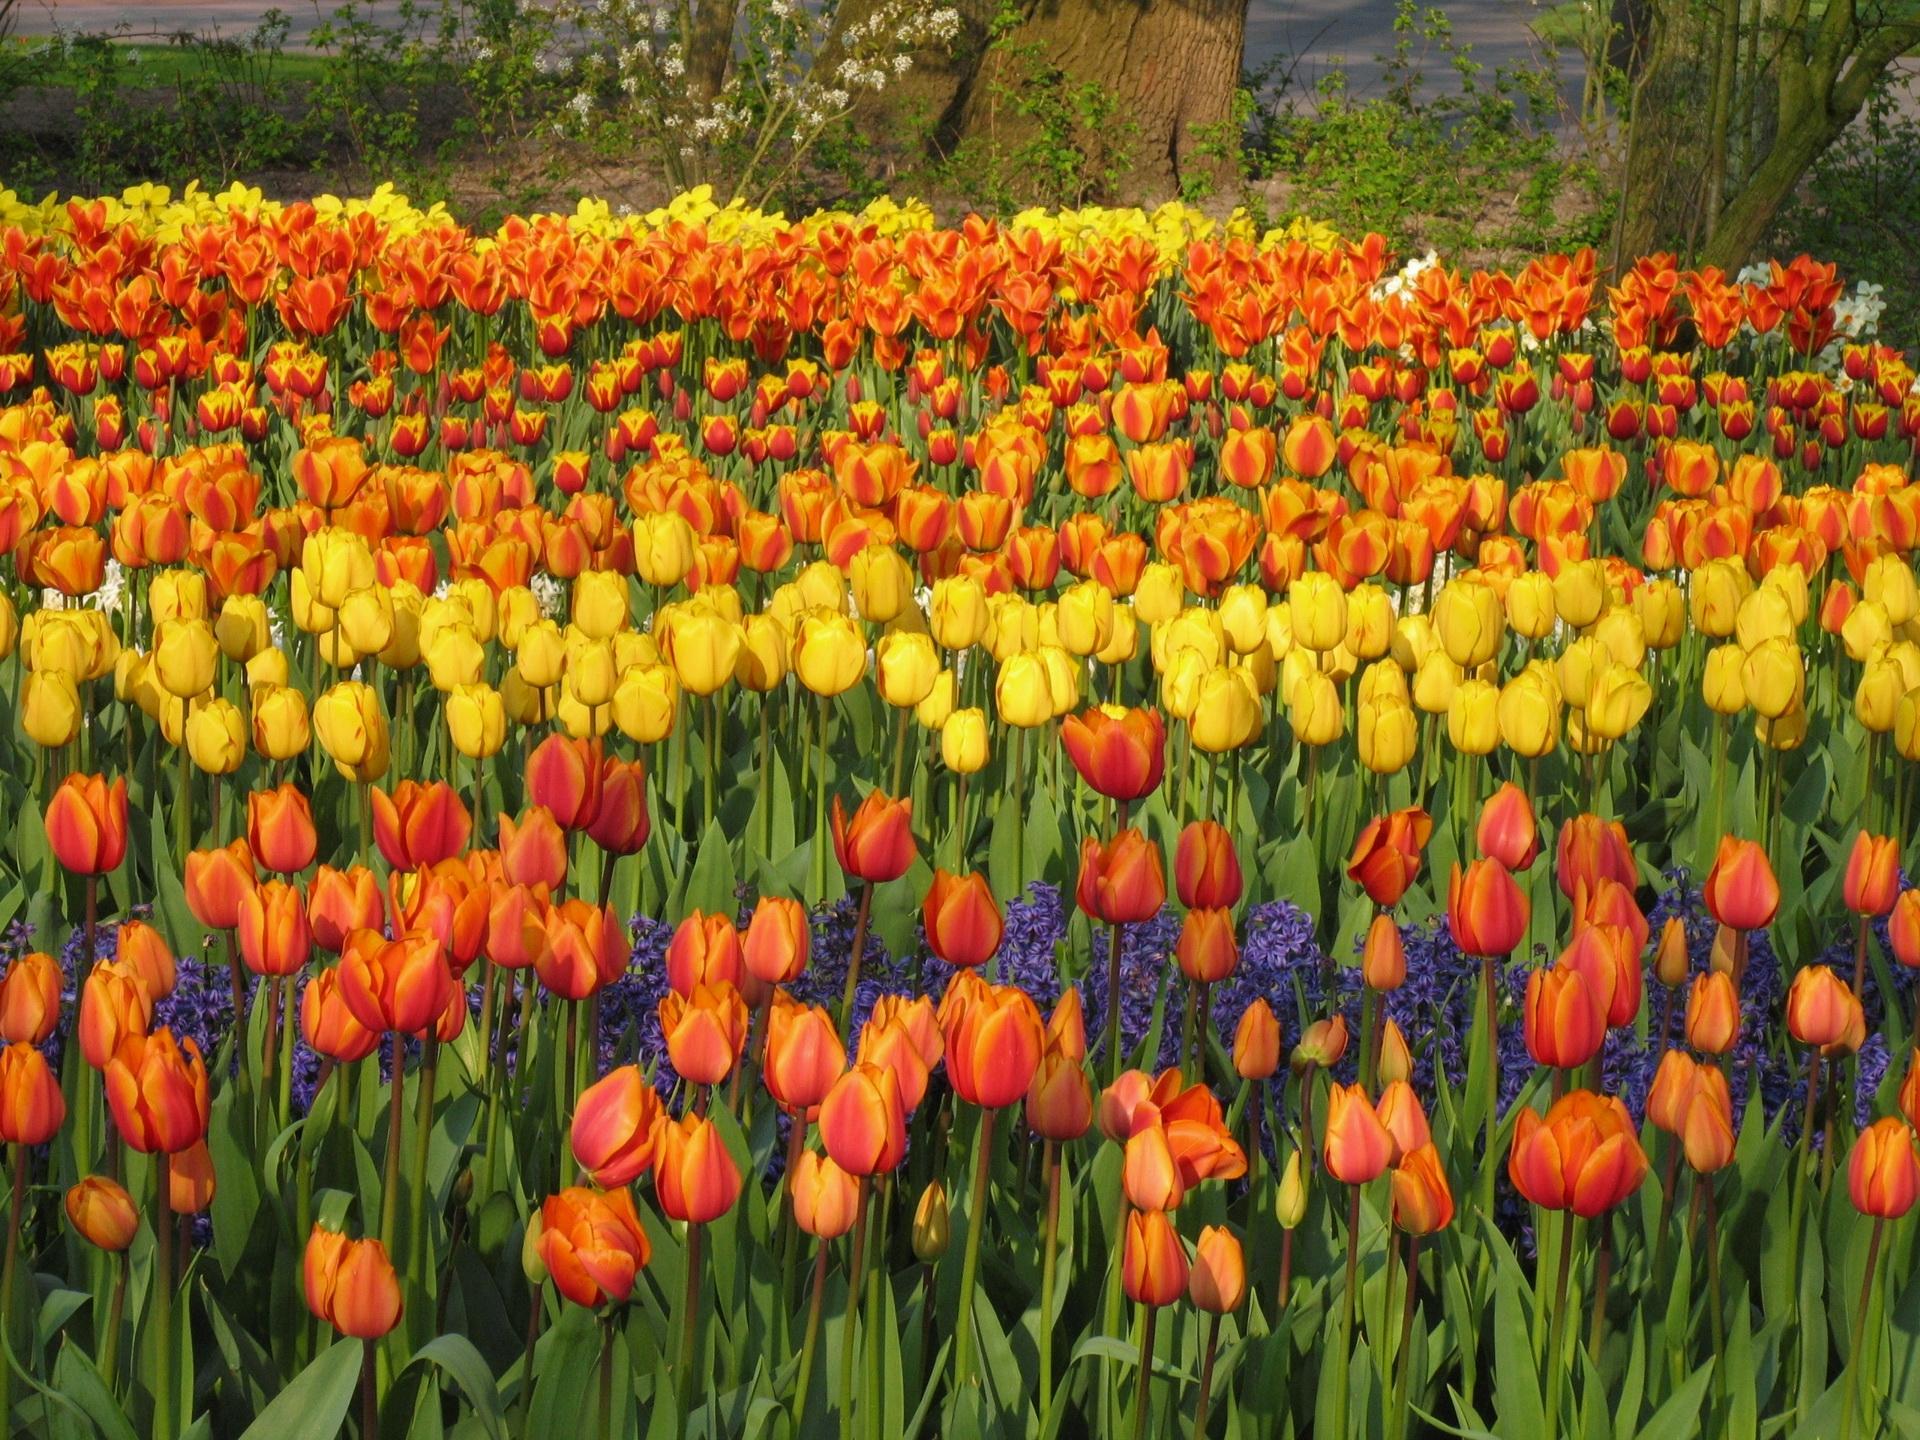 145933 Заставки и Обои Тюльпаны на телефон. Скачать Цветы, Гиацинты, Клумба, Парк, Весна, Тюльпаны картинки бесплатно